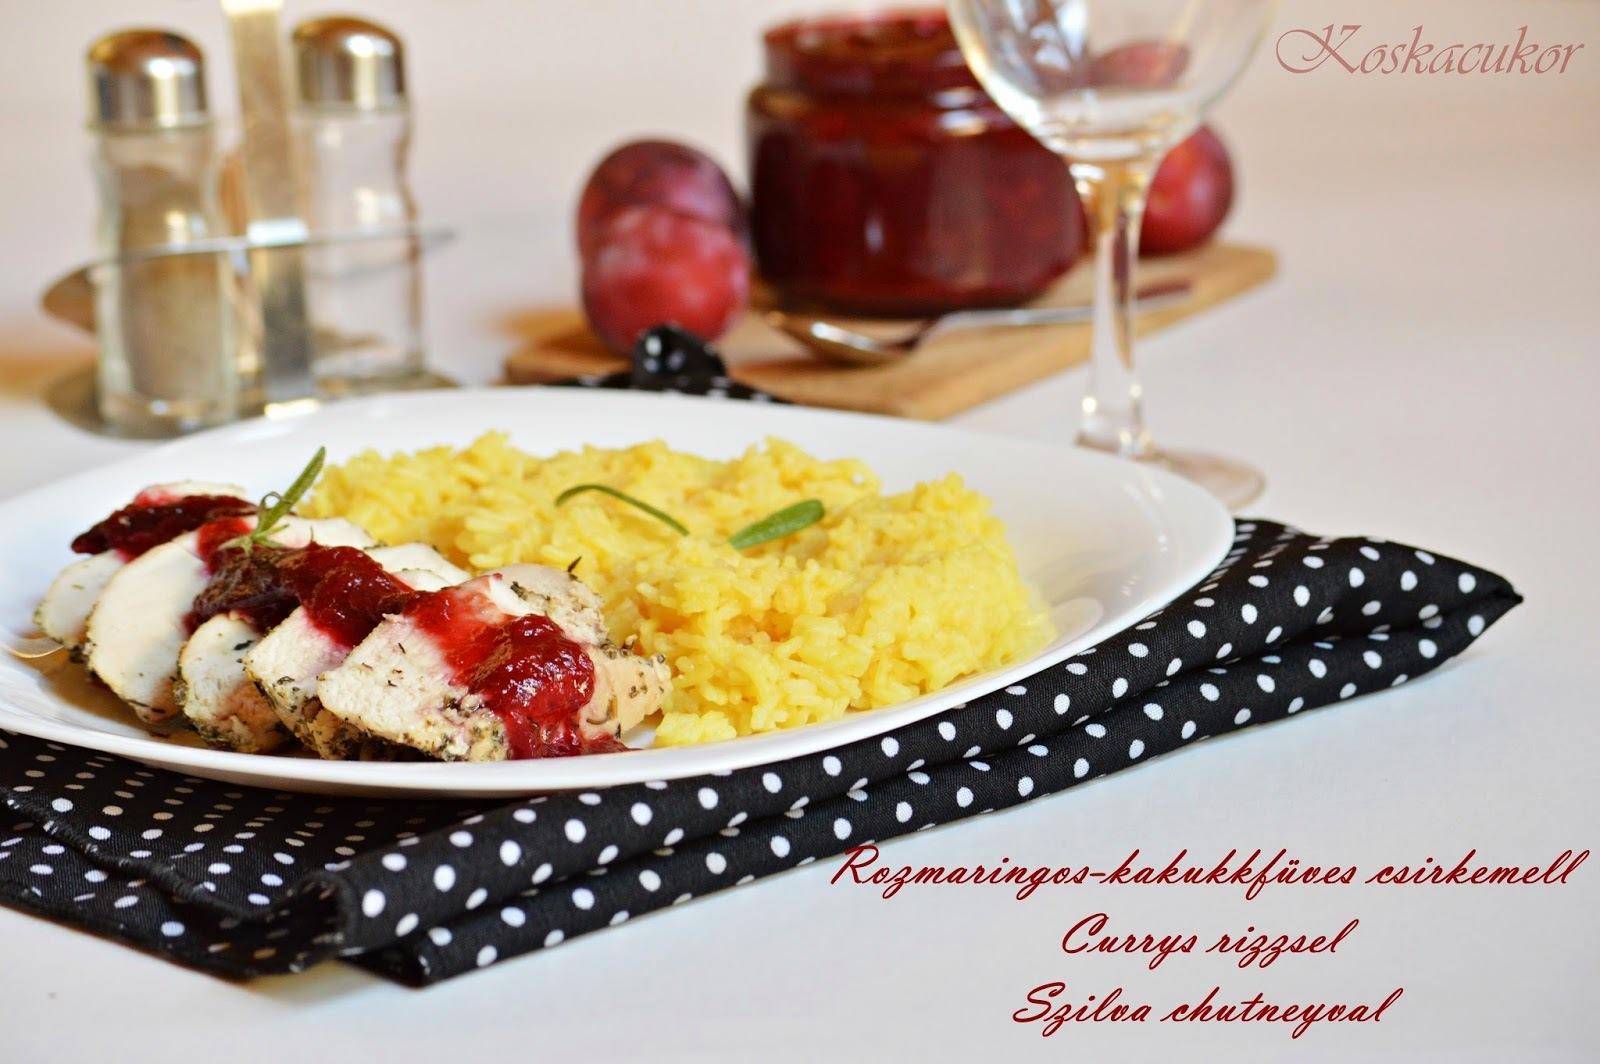 Rozmaringos-kakukkfüves csirkemell, currys basmati rizzsel és szilva chutneyval